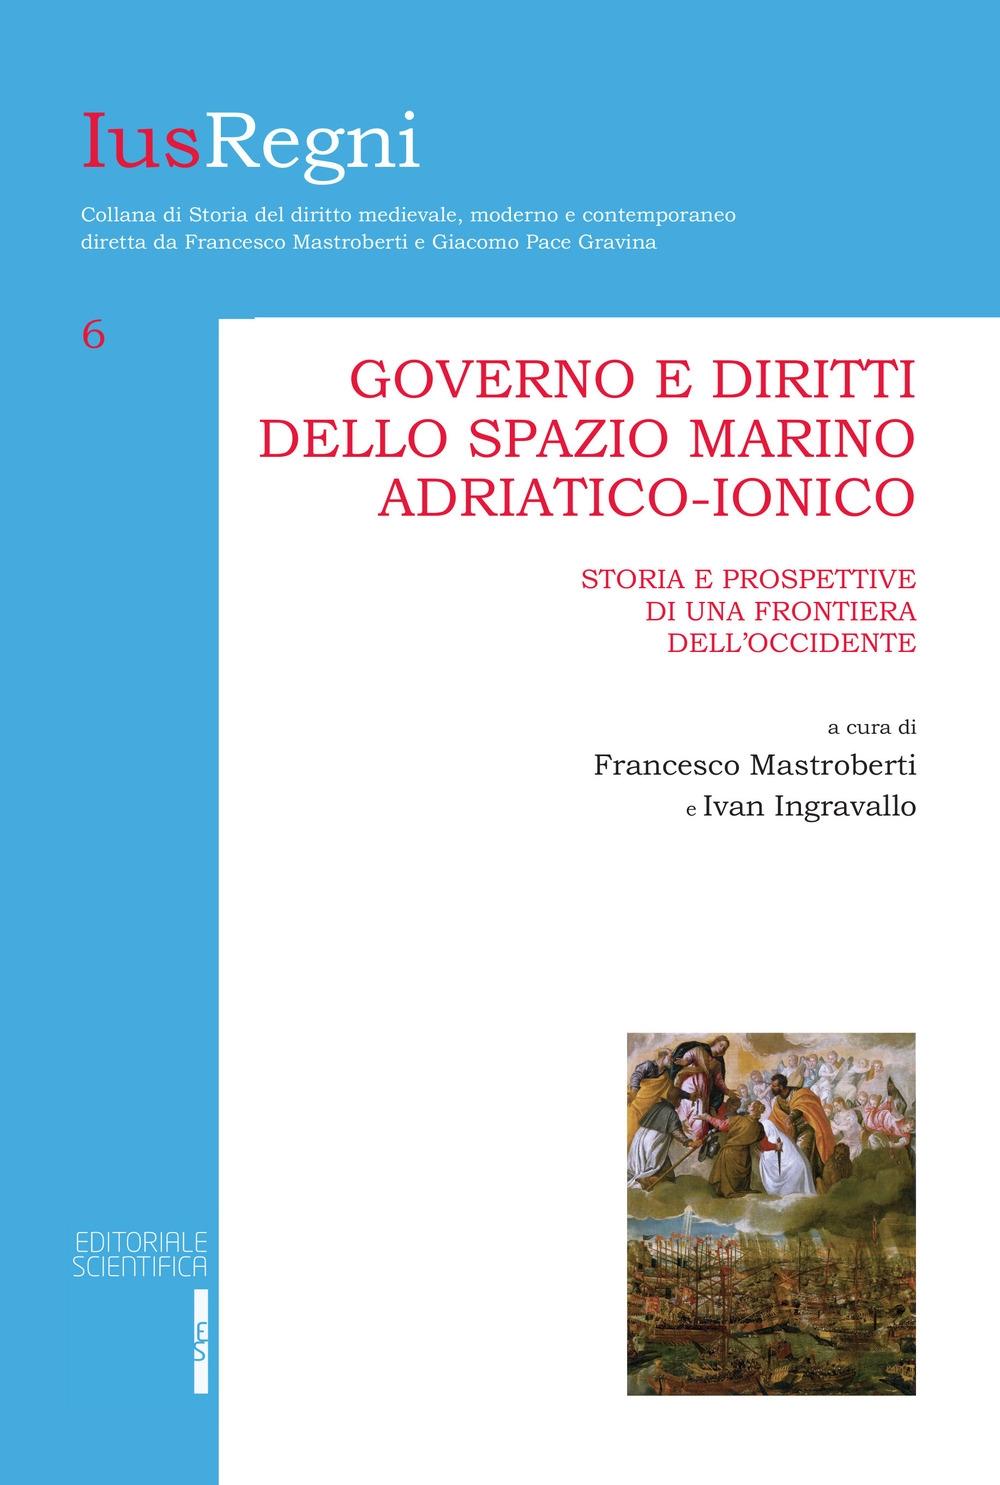 Governo e diritti dello spazio marino adriatico-ionico. Storia e prospettive di una frontiera dell'Occidente